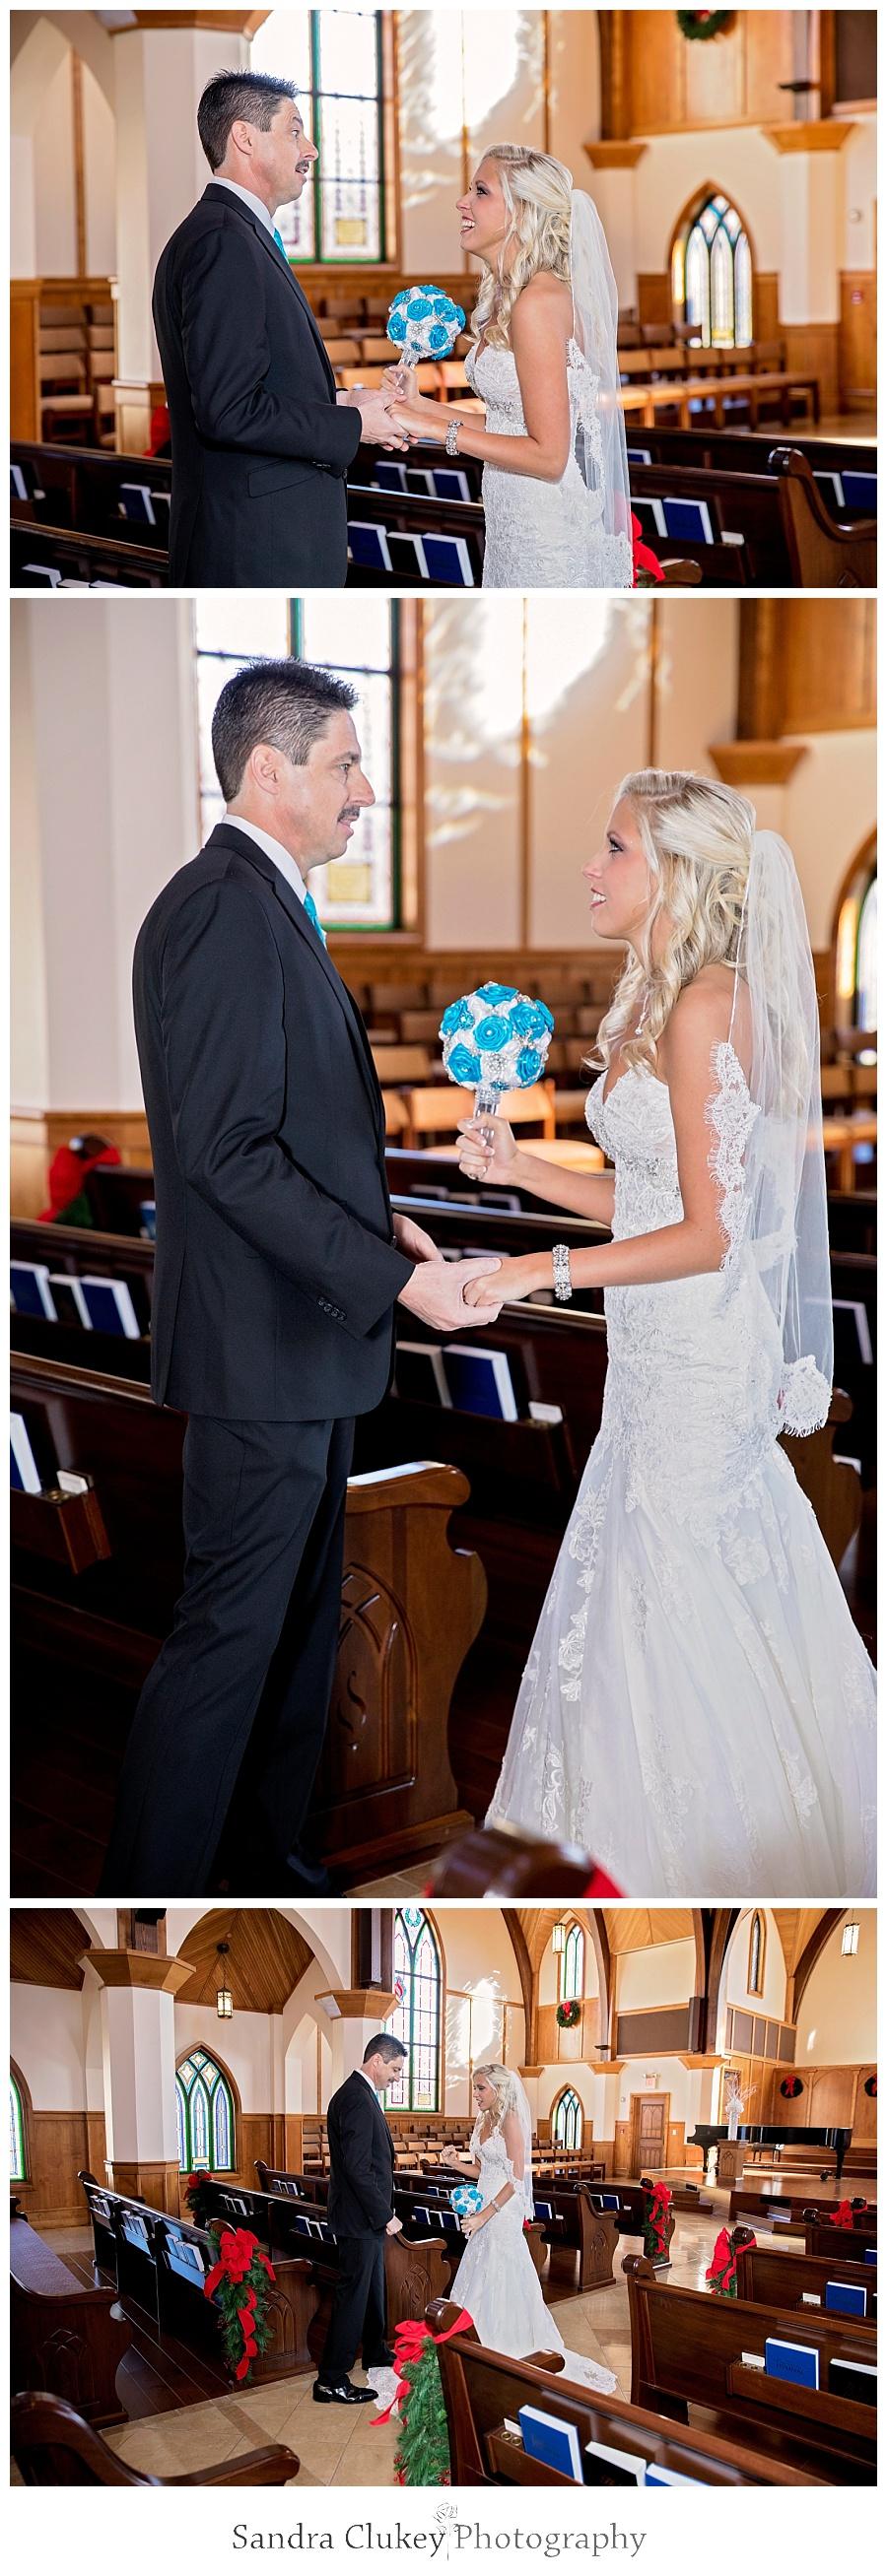 Bride with Dad prior to wedding